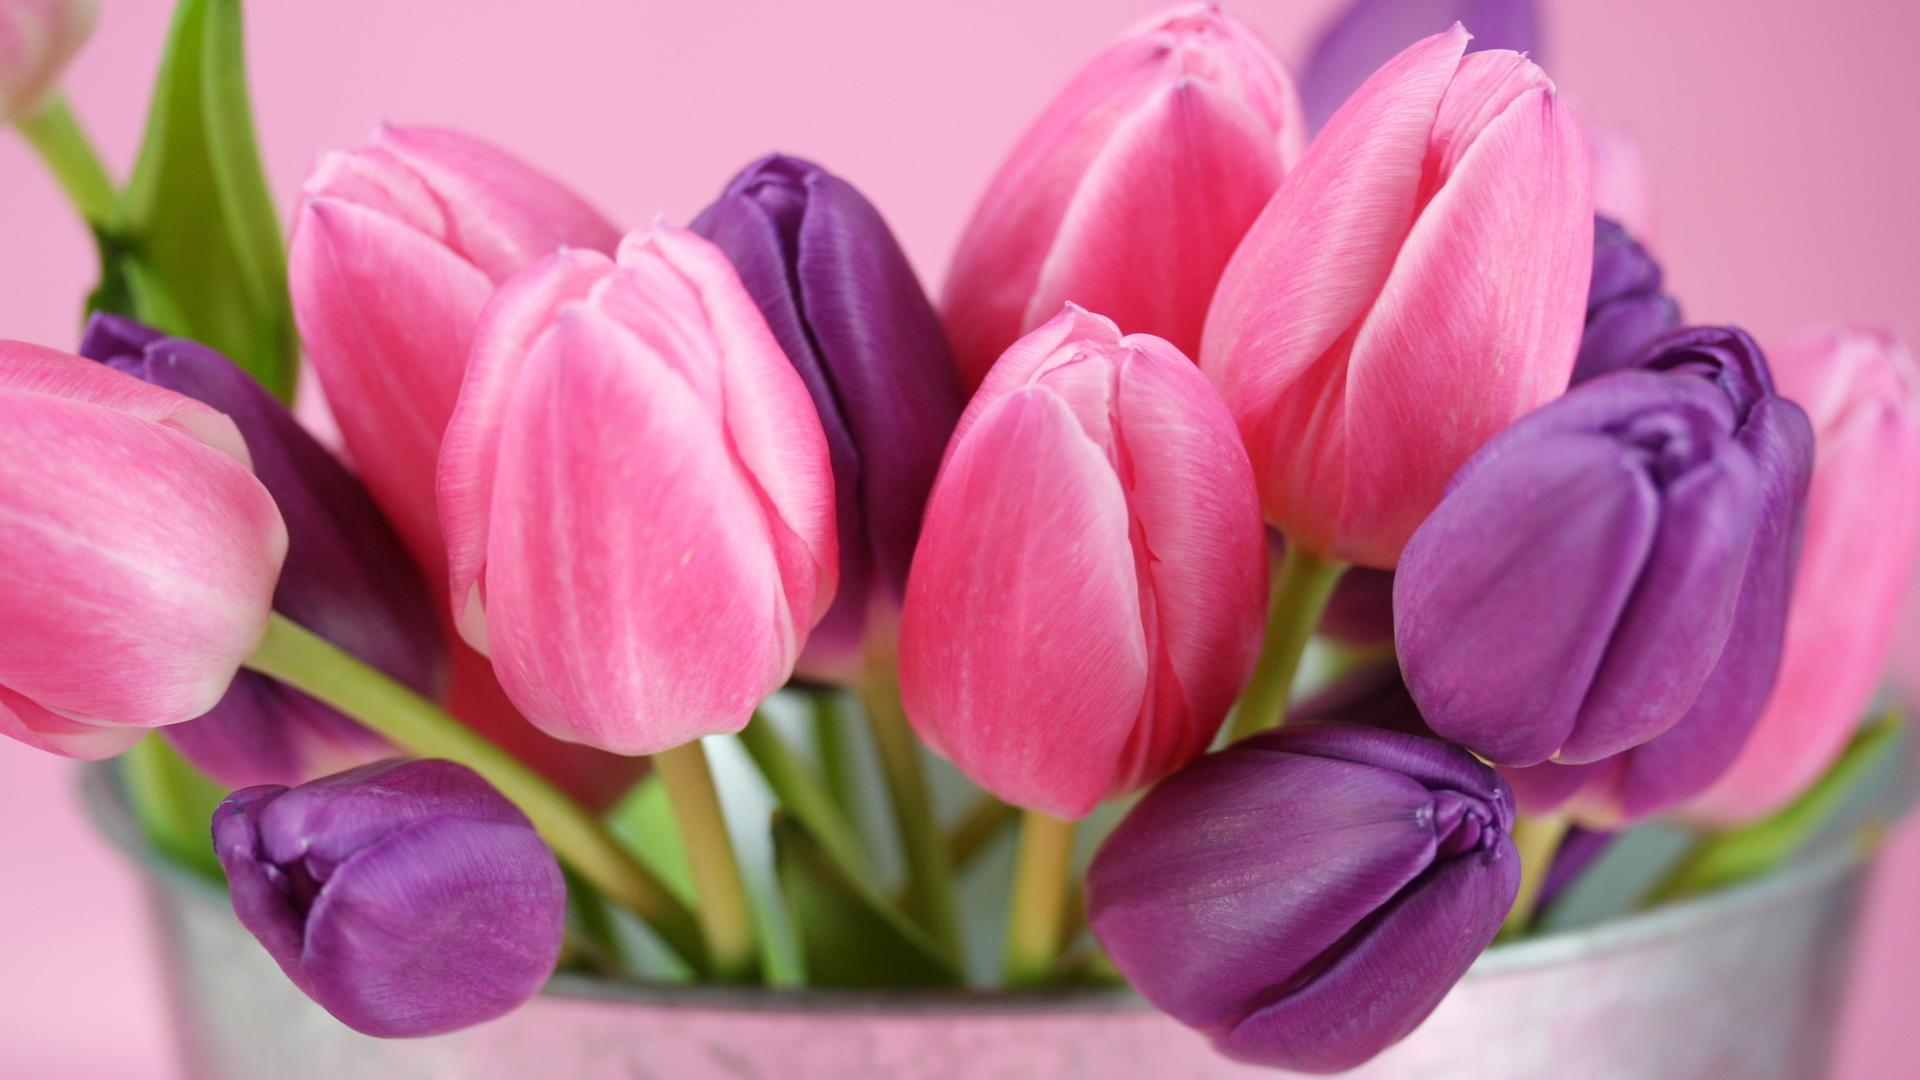 11721 скачать обои Растения, Цветы, Тюльпаны - заставки и картинки бесплатно